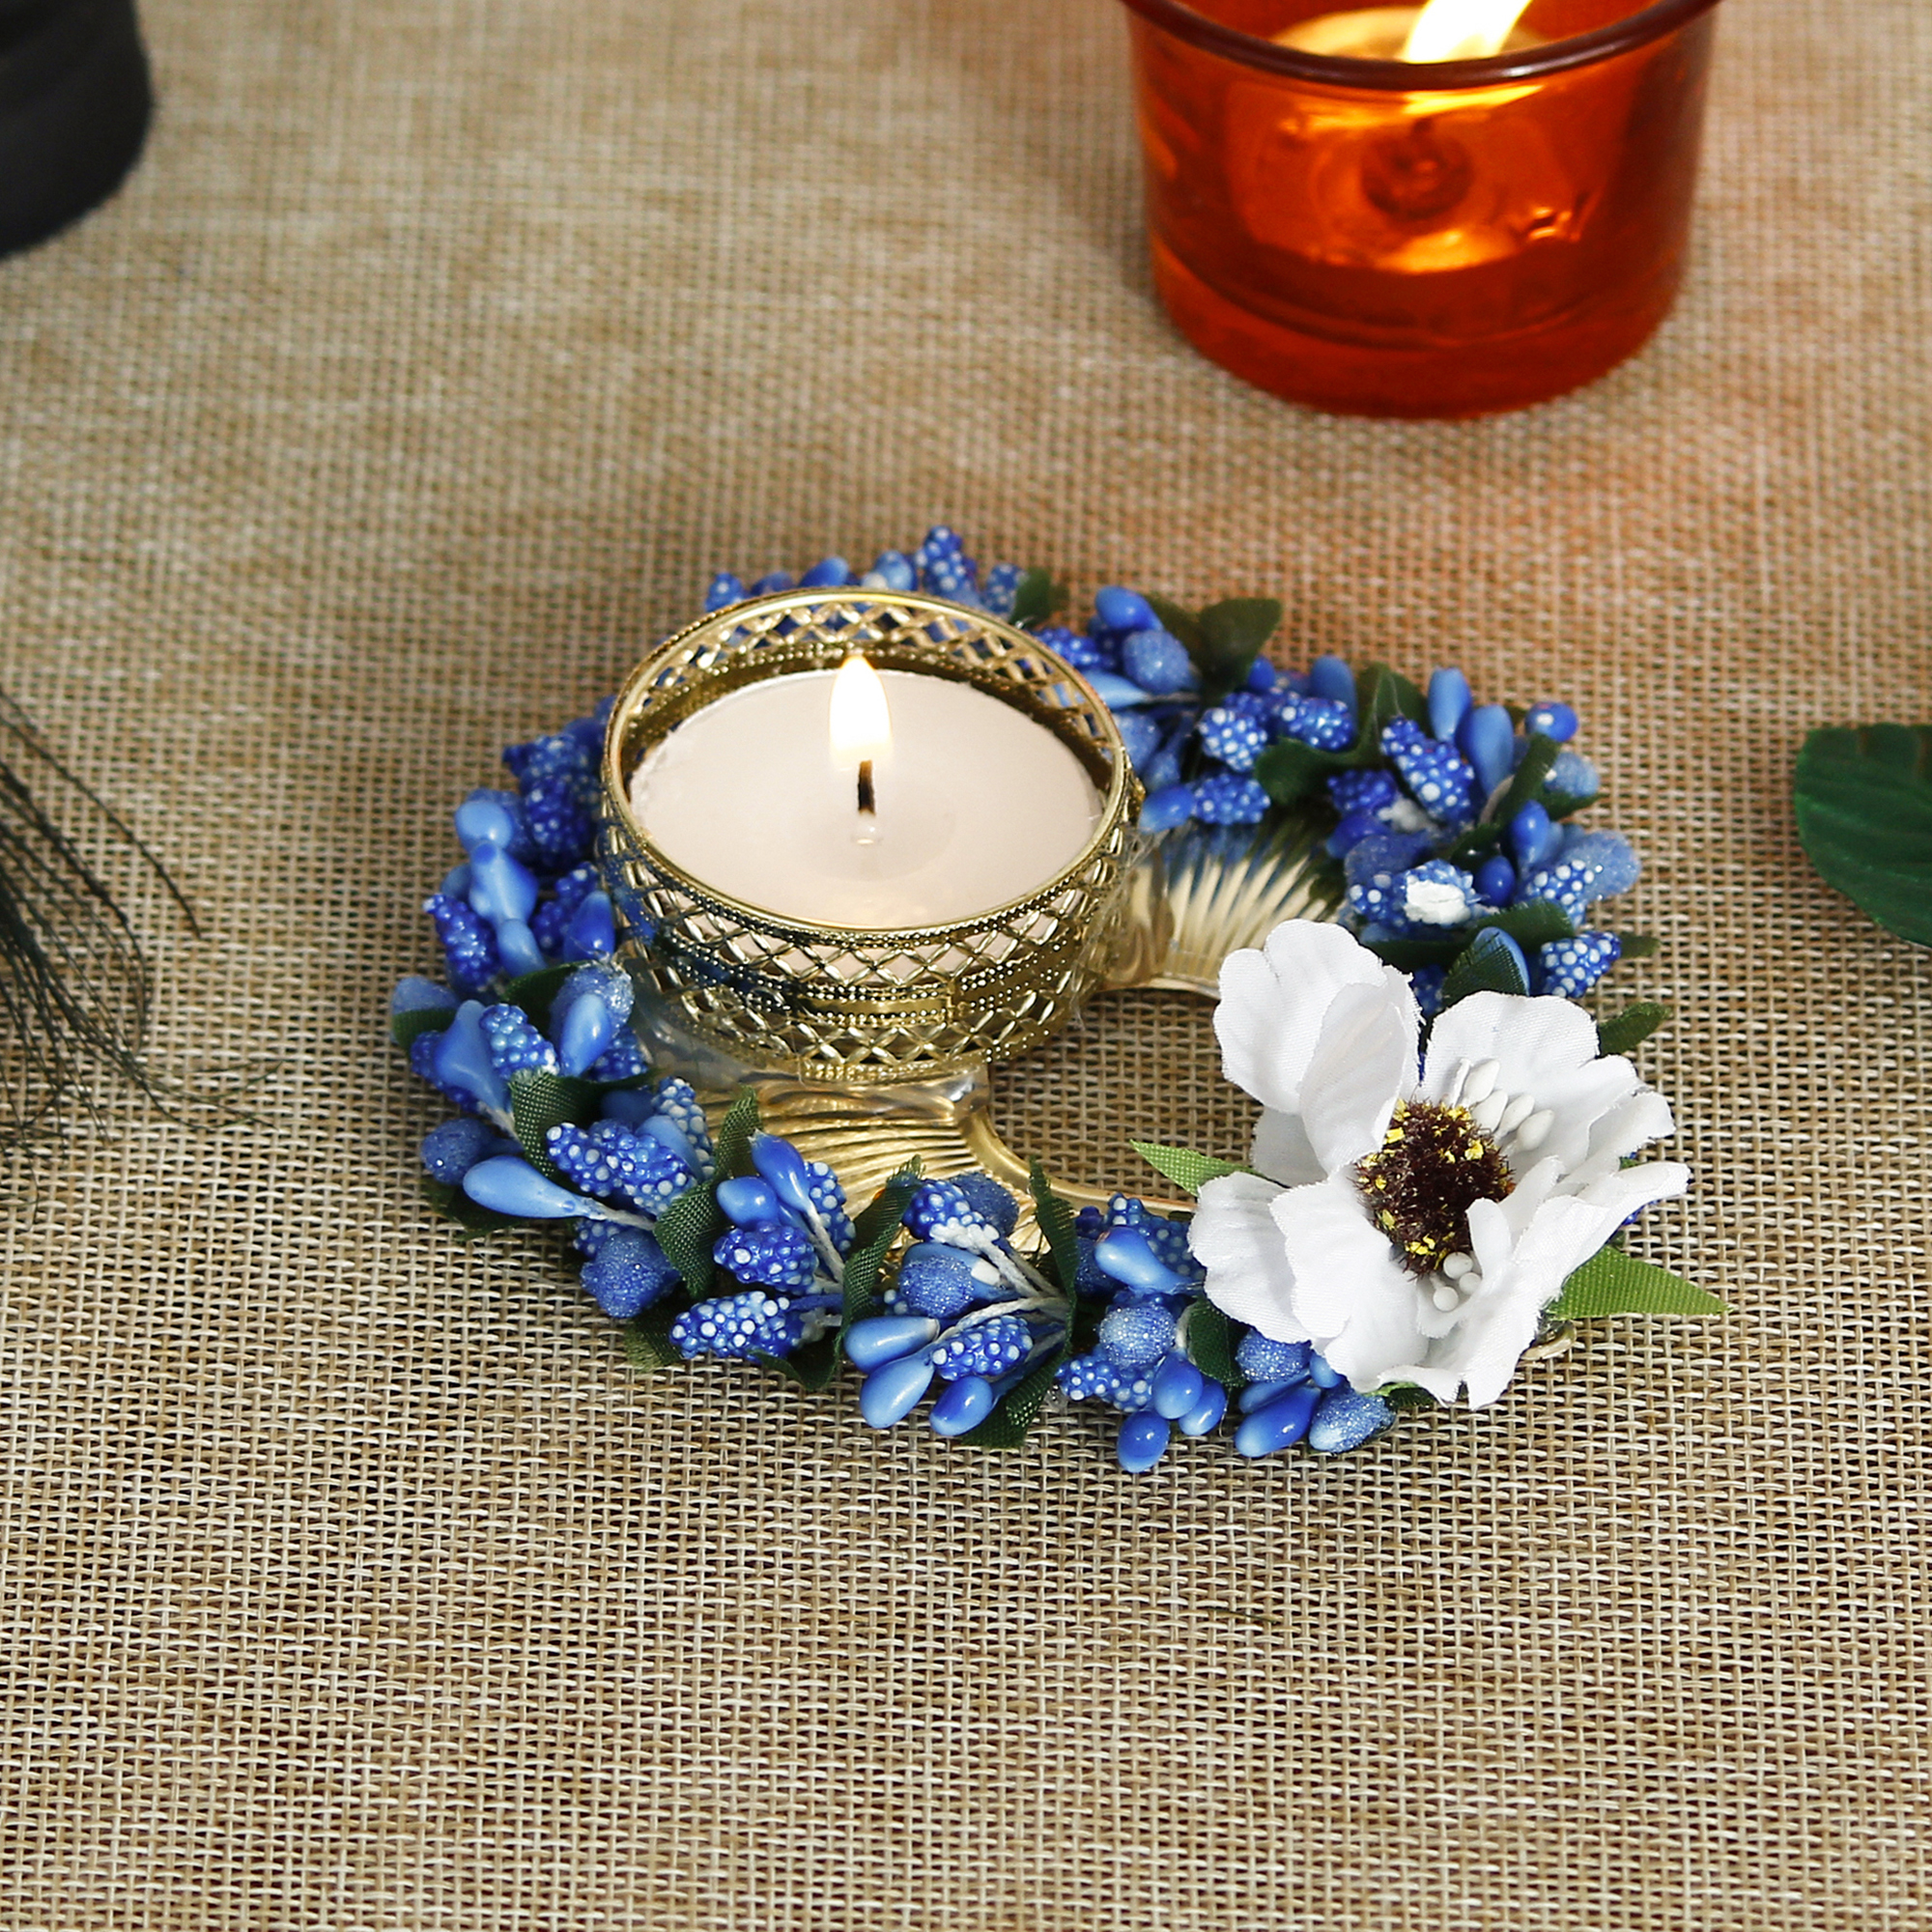 Decorative Handcrafted Blue Floral Leaf Shape Tea Light Holder Indian Home Decor